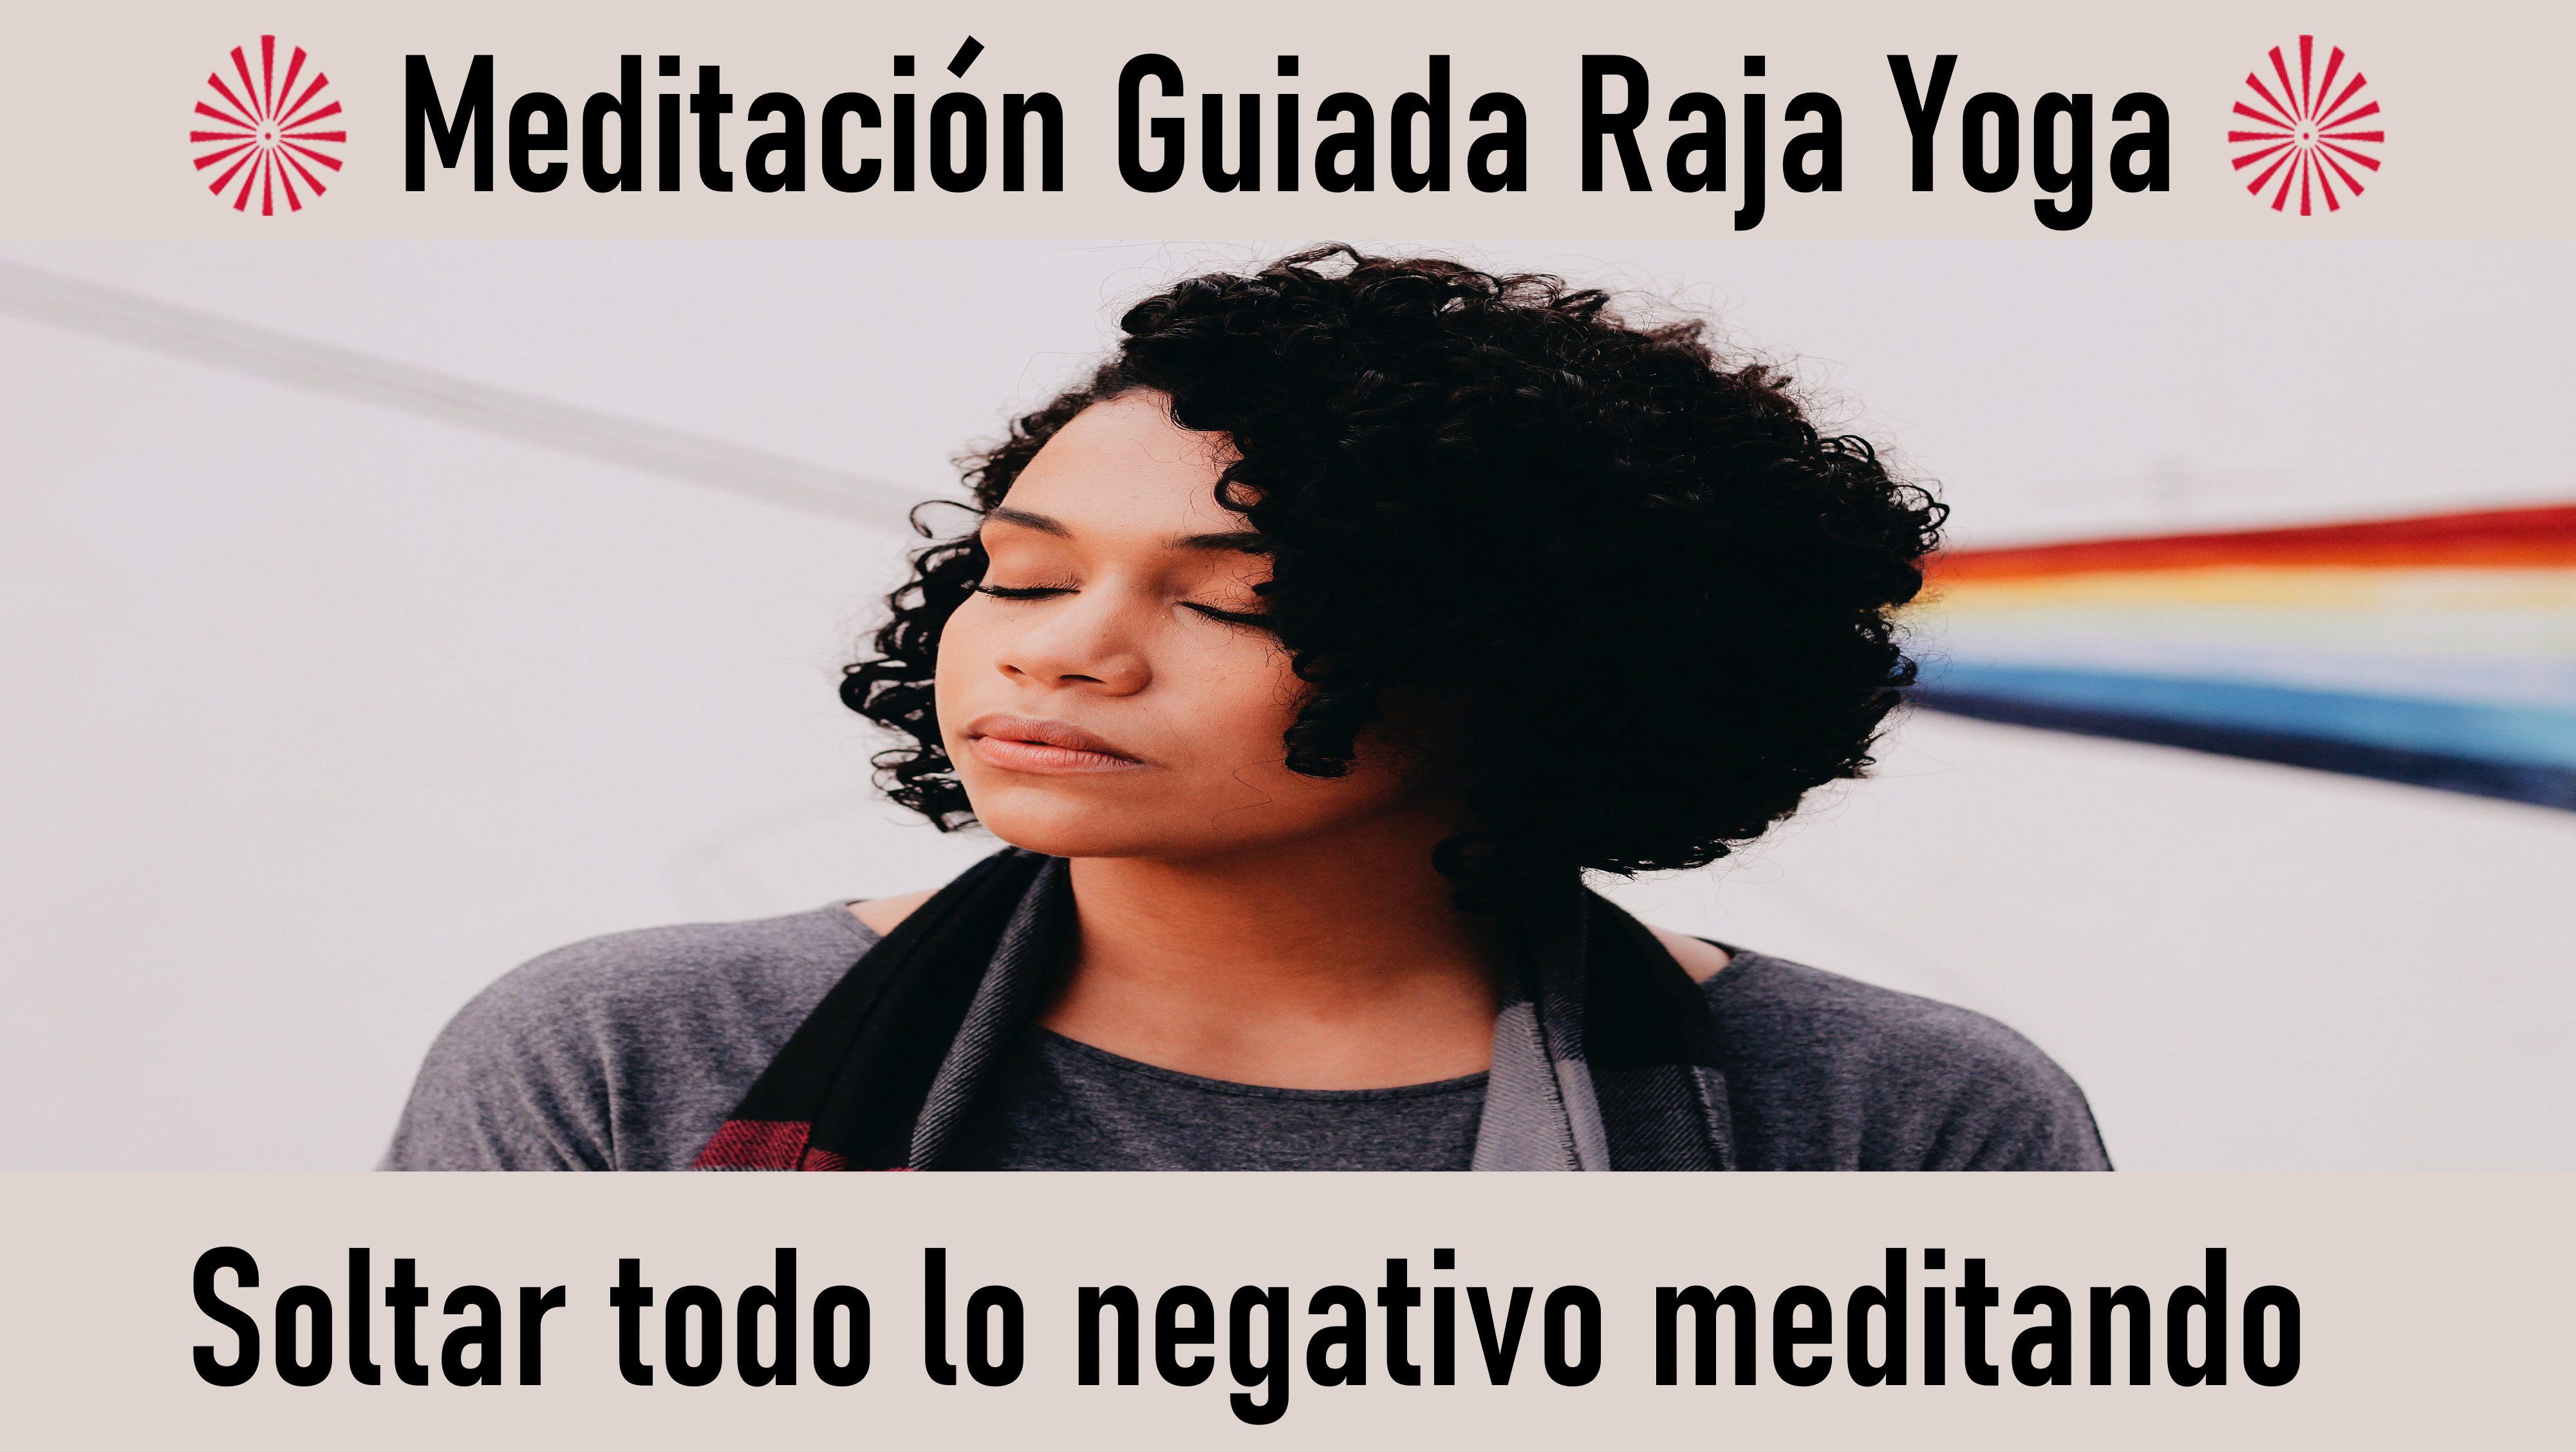 Meditación Raja Yoga: Soltar todo lo negativo meditando (30 Septiembre 2020) On-line desde Sevilla